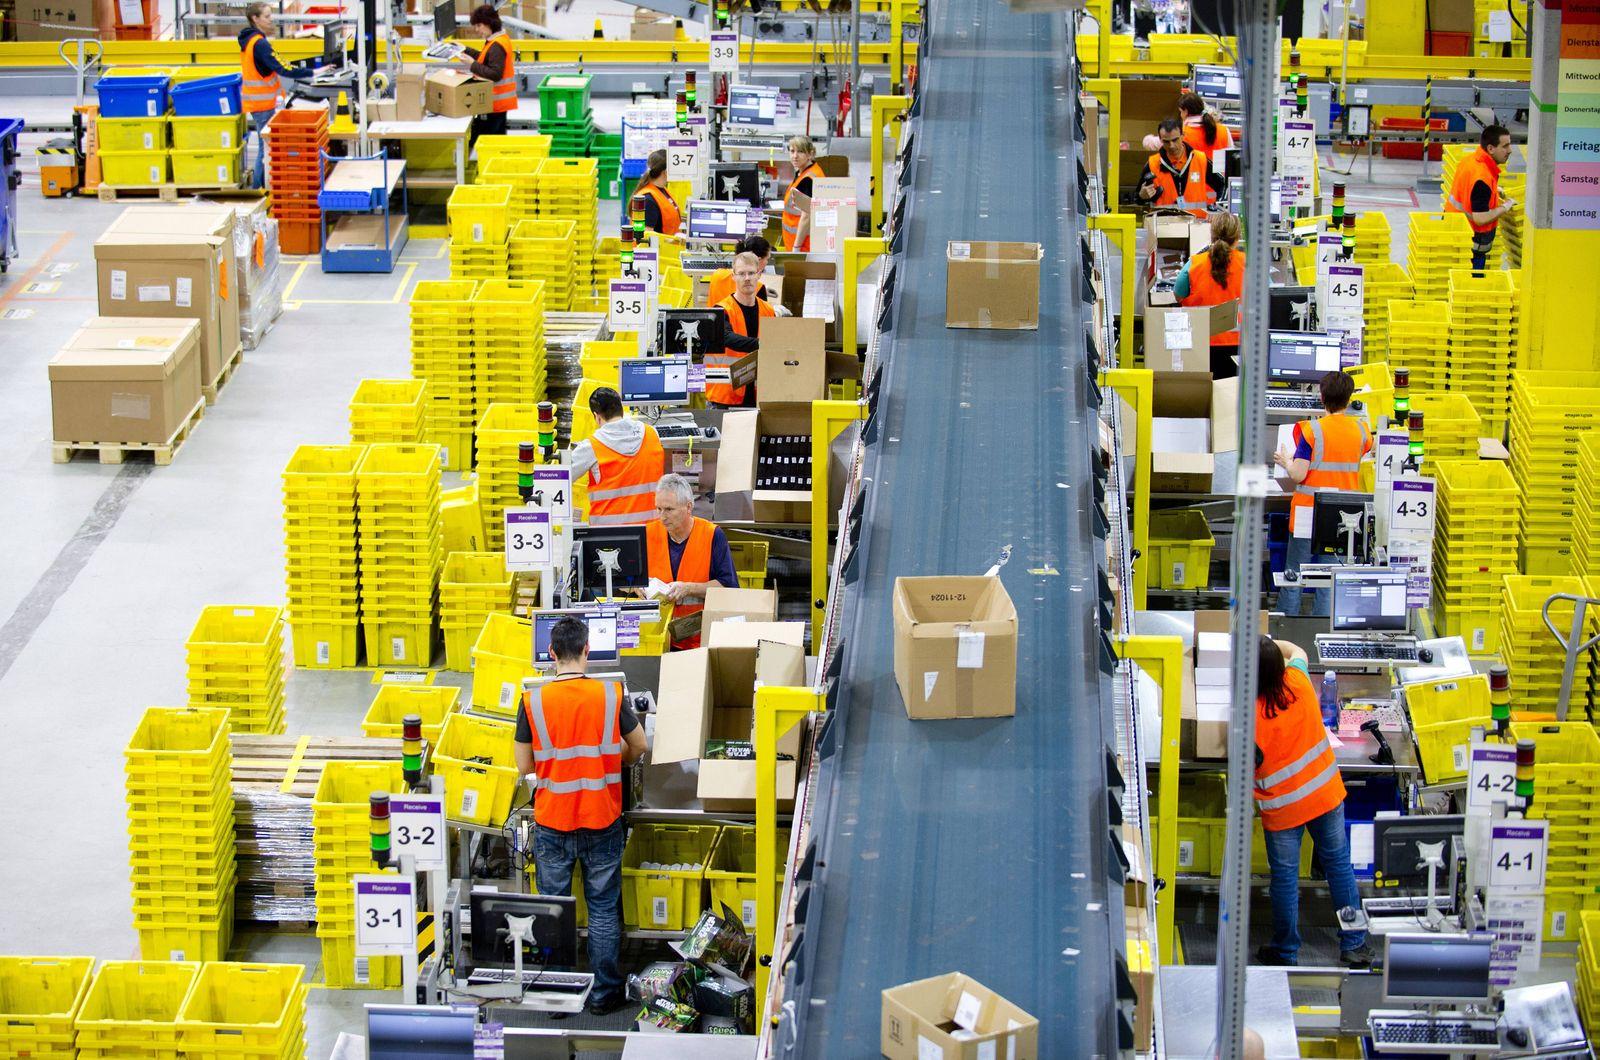 Blick in das Logistikzentrum von Amazon in Leipzig, aufgenommen am Mittwoch (26.03.14). RM001